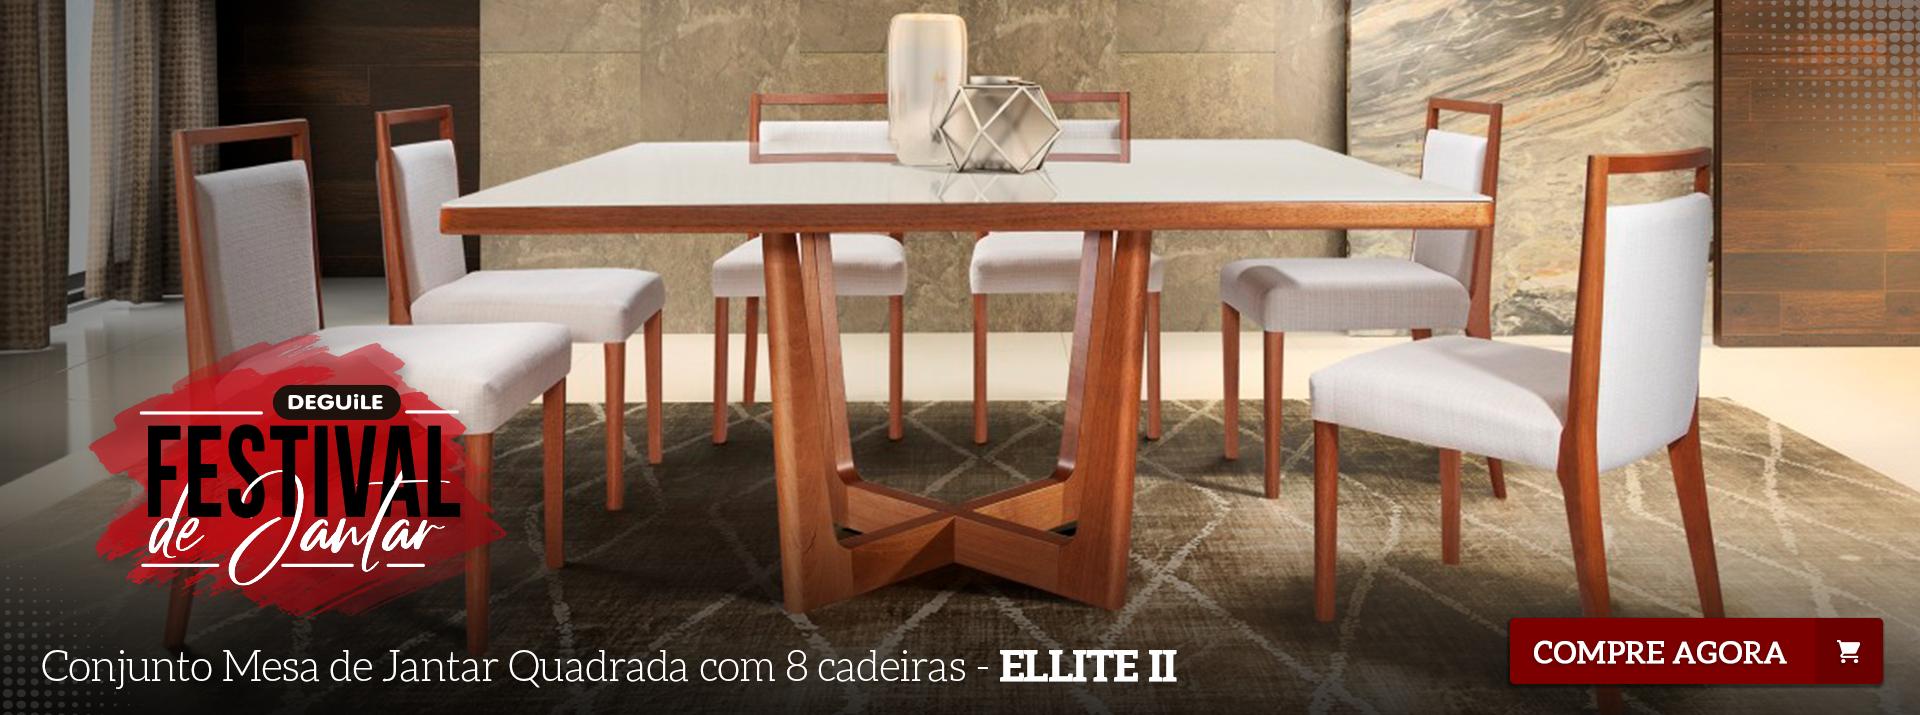 CONJUNTO MESA DE JANTAR QUADRADA COM 8 CADEIRAS - ELLITE II